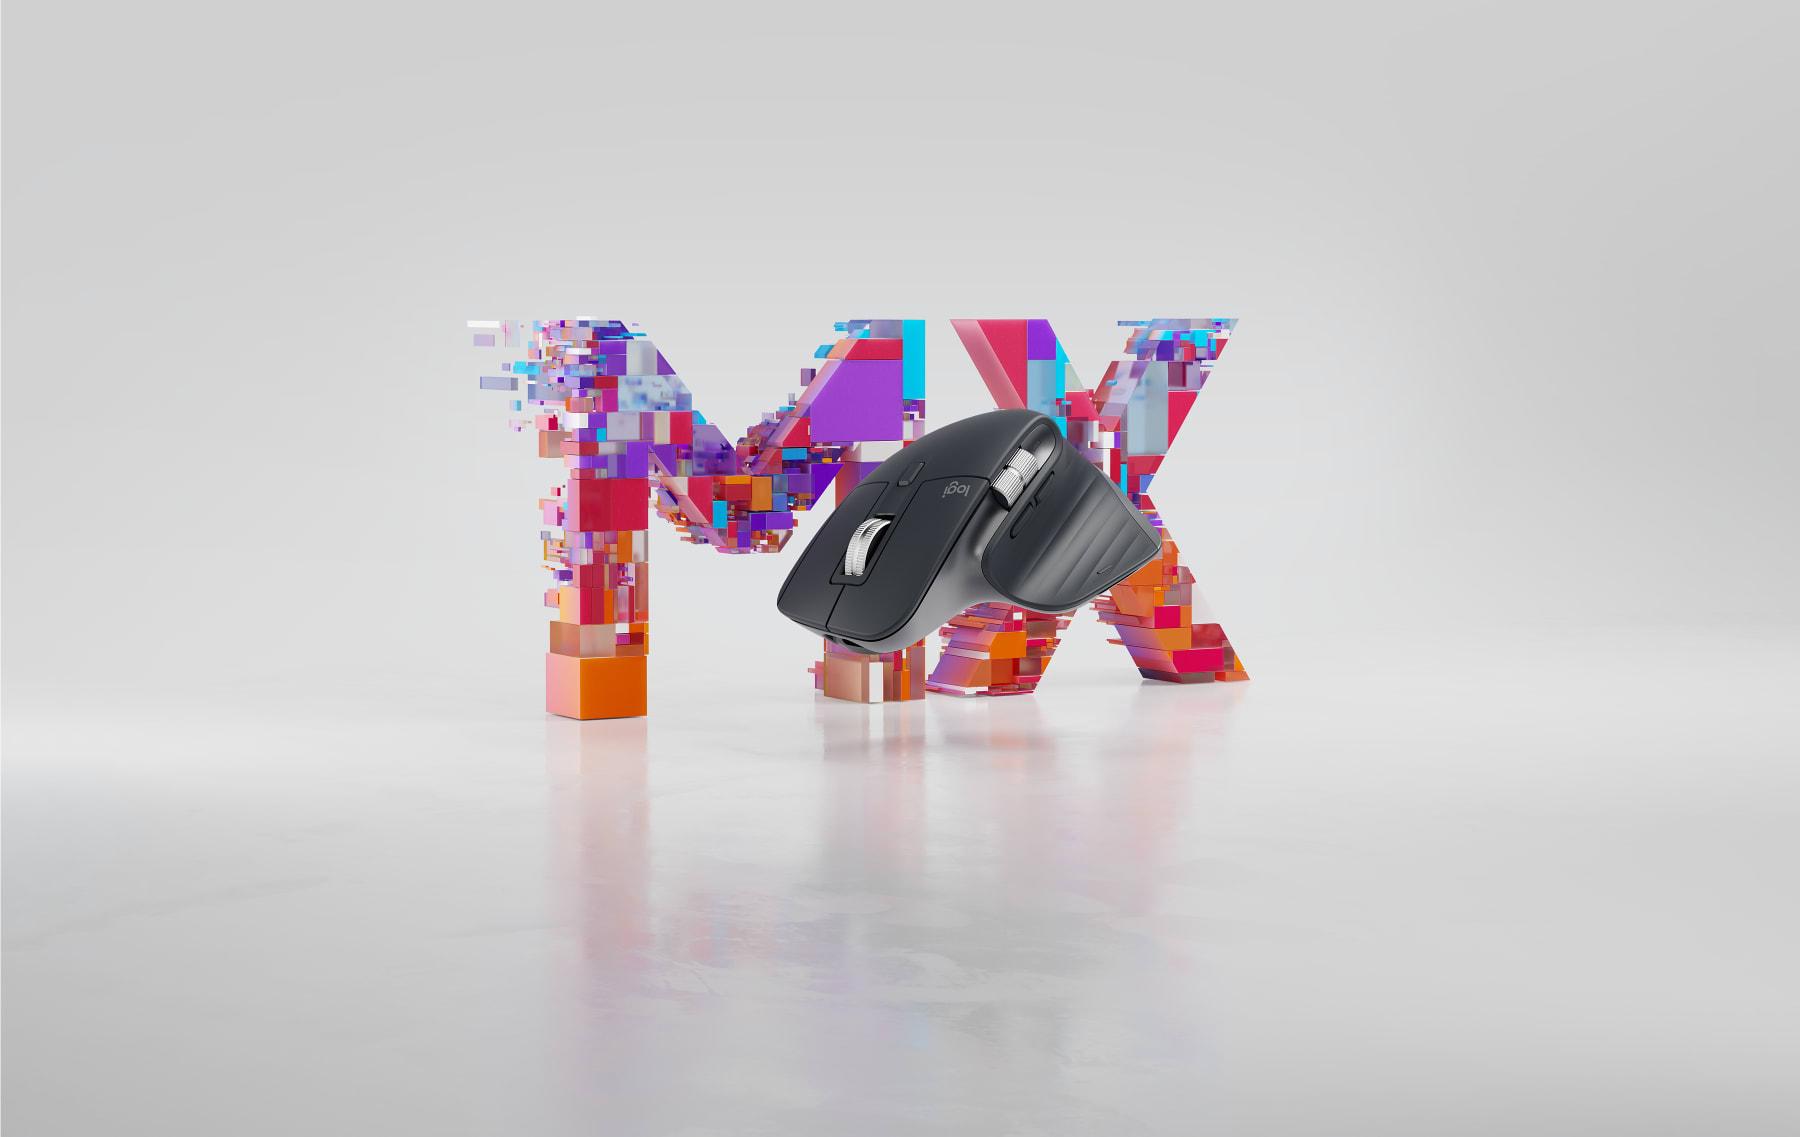 Giới thiệu Chuột không dây Logitech MX Master 3 (USB/Bluetooth/Đen)